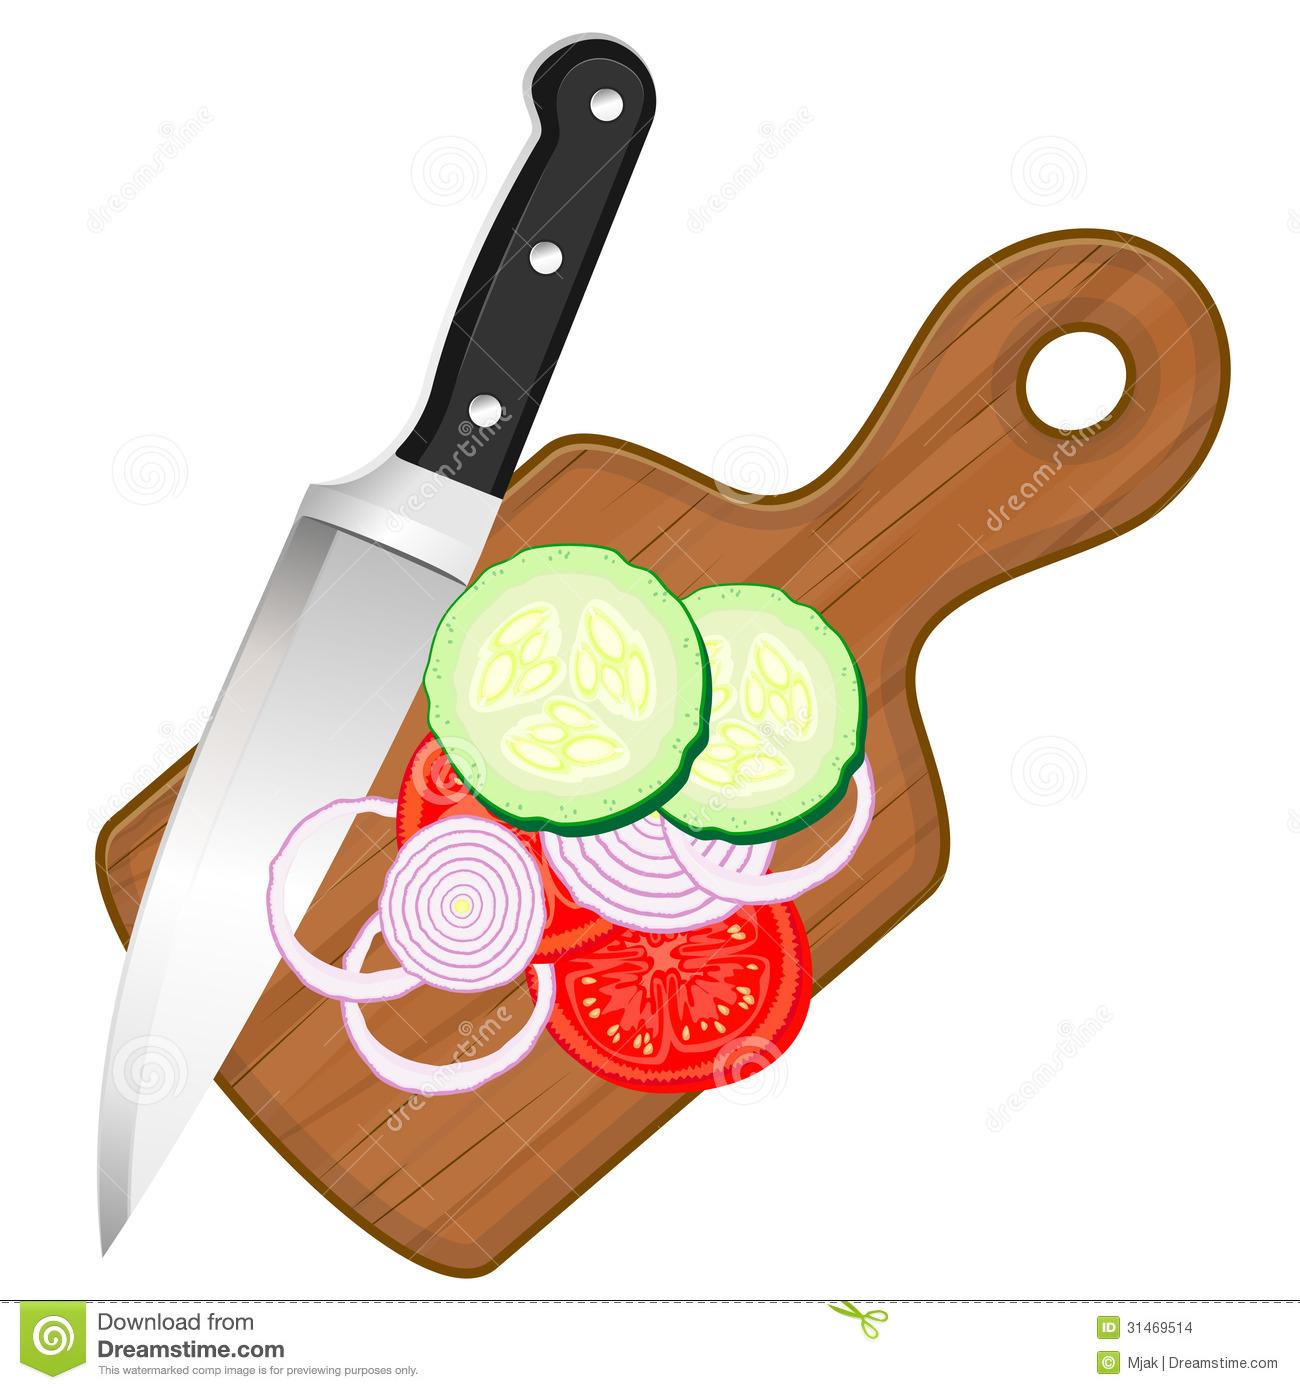 Chop vegetables clipart.